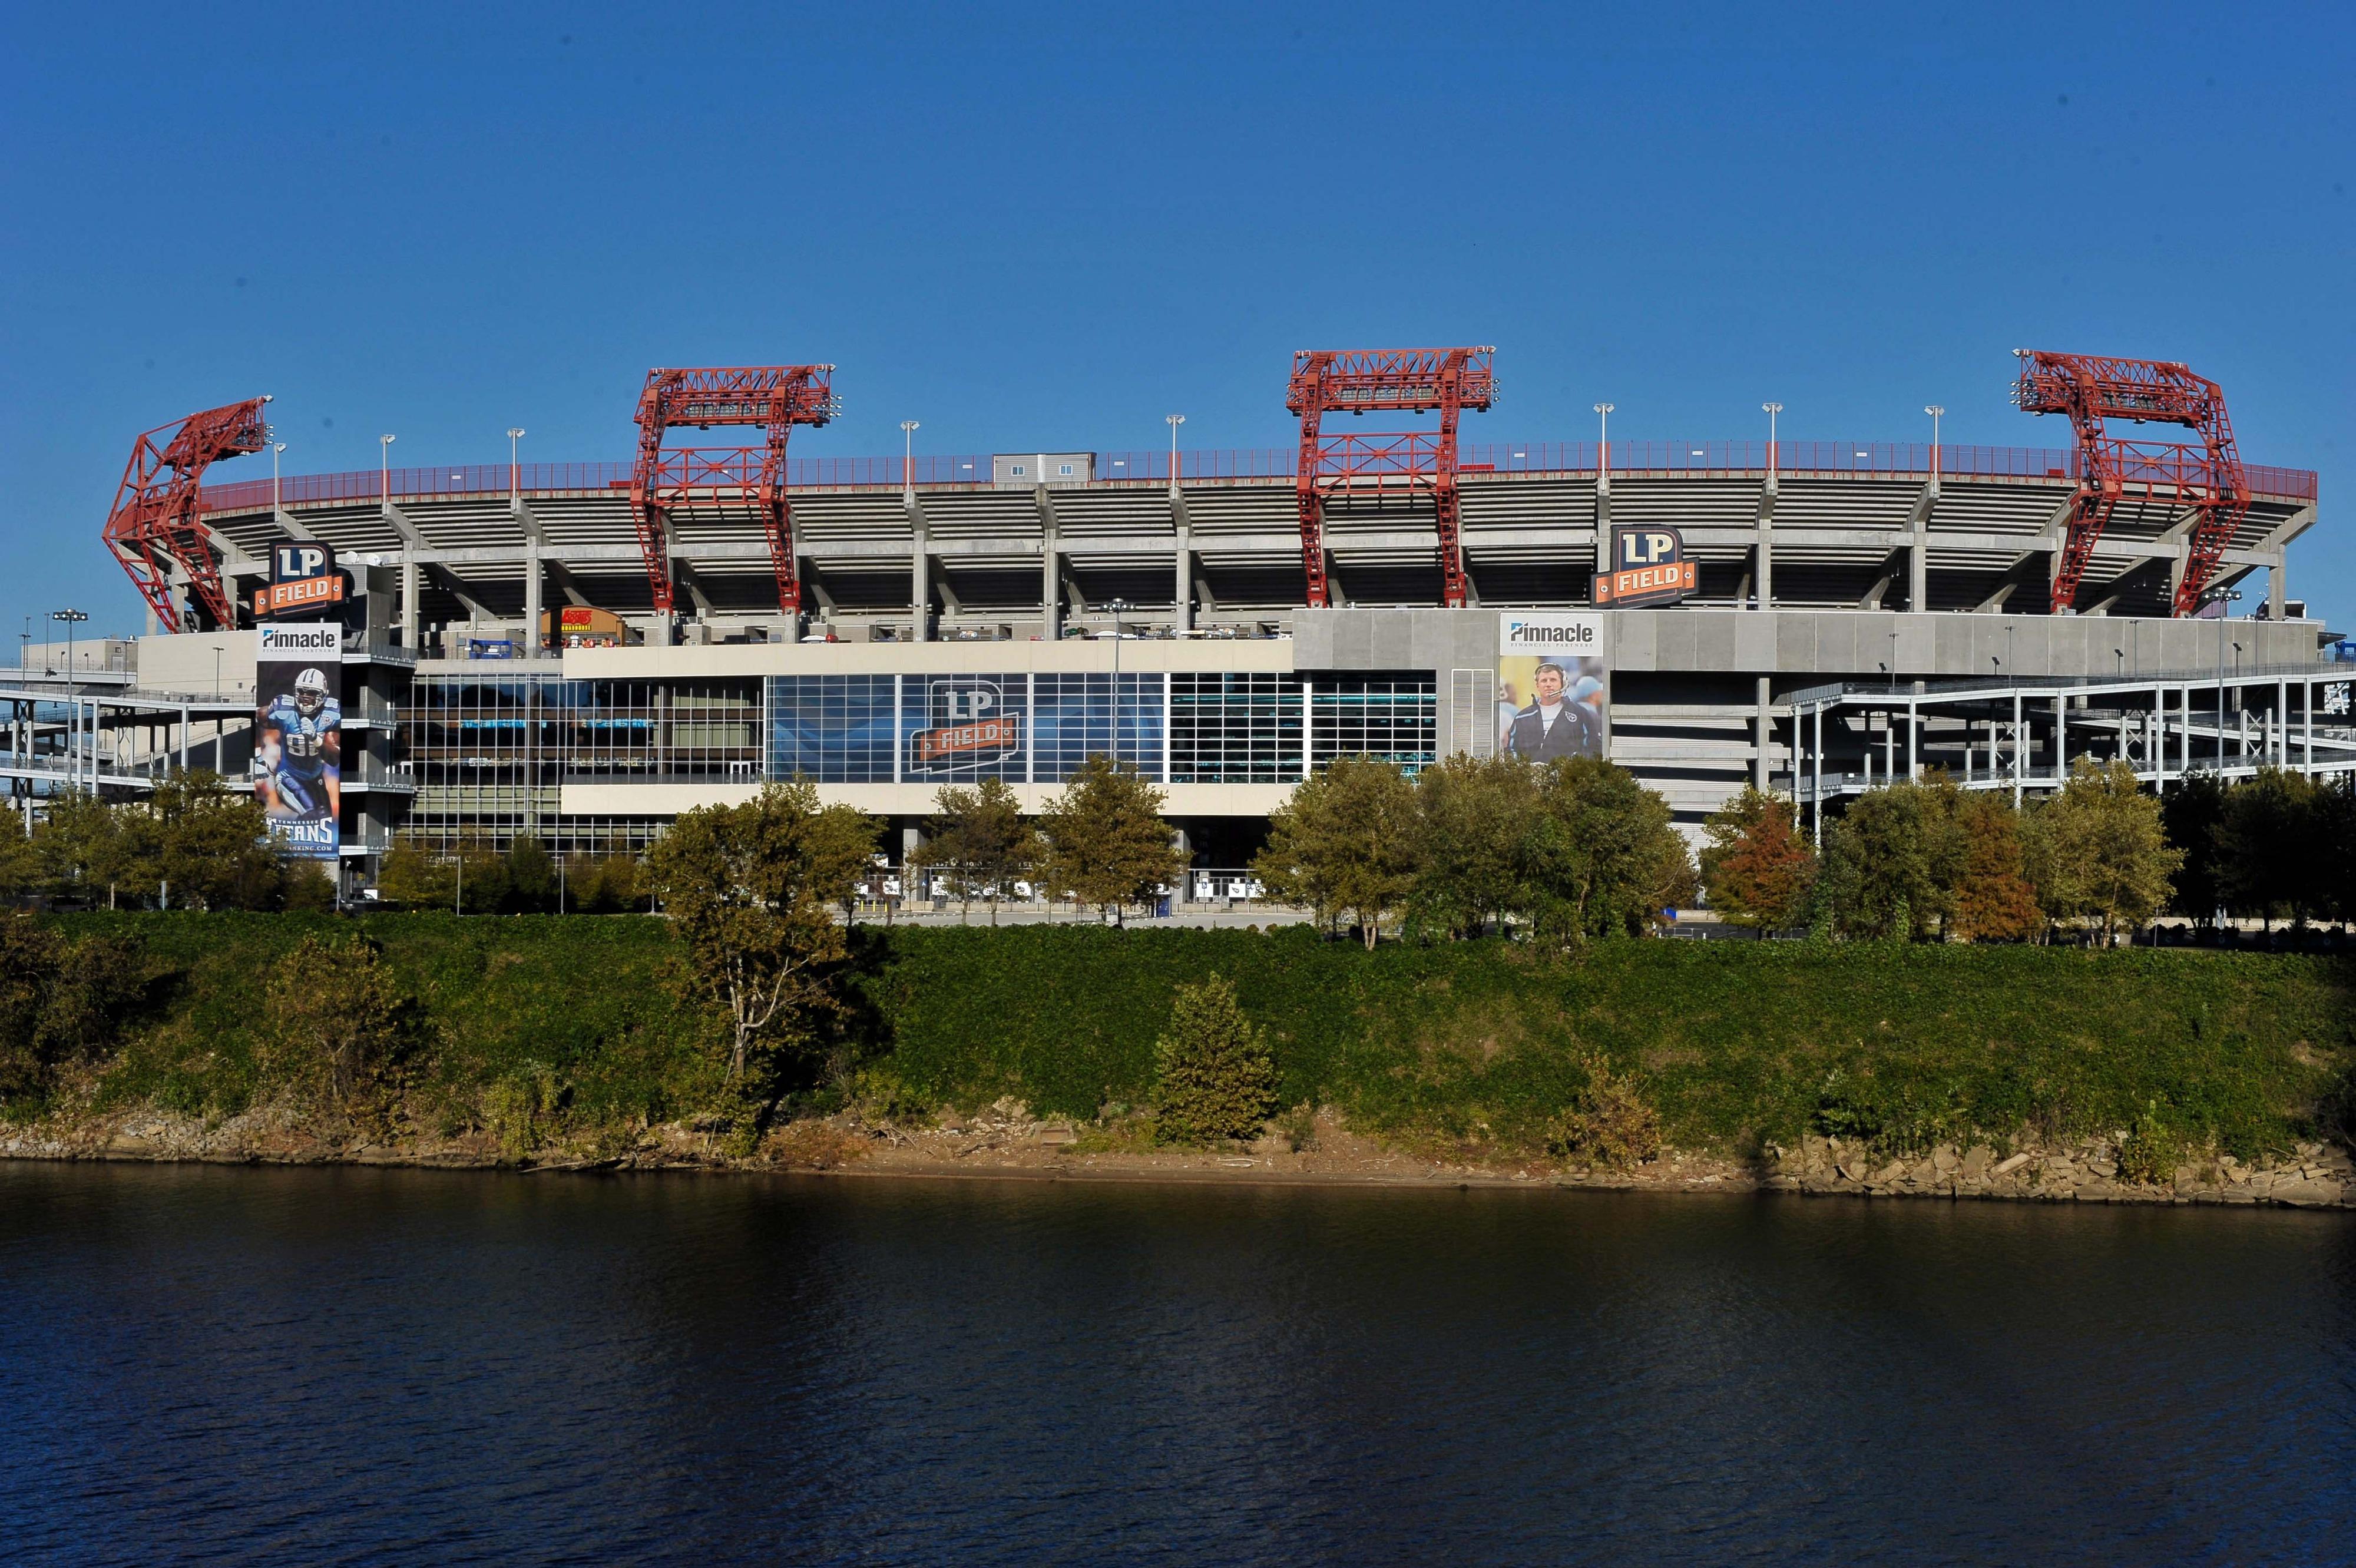 Not as nice as Reliant Stadium.